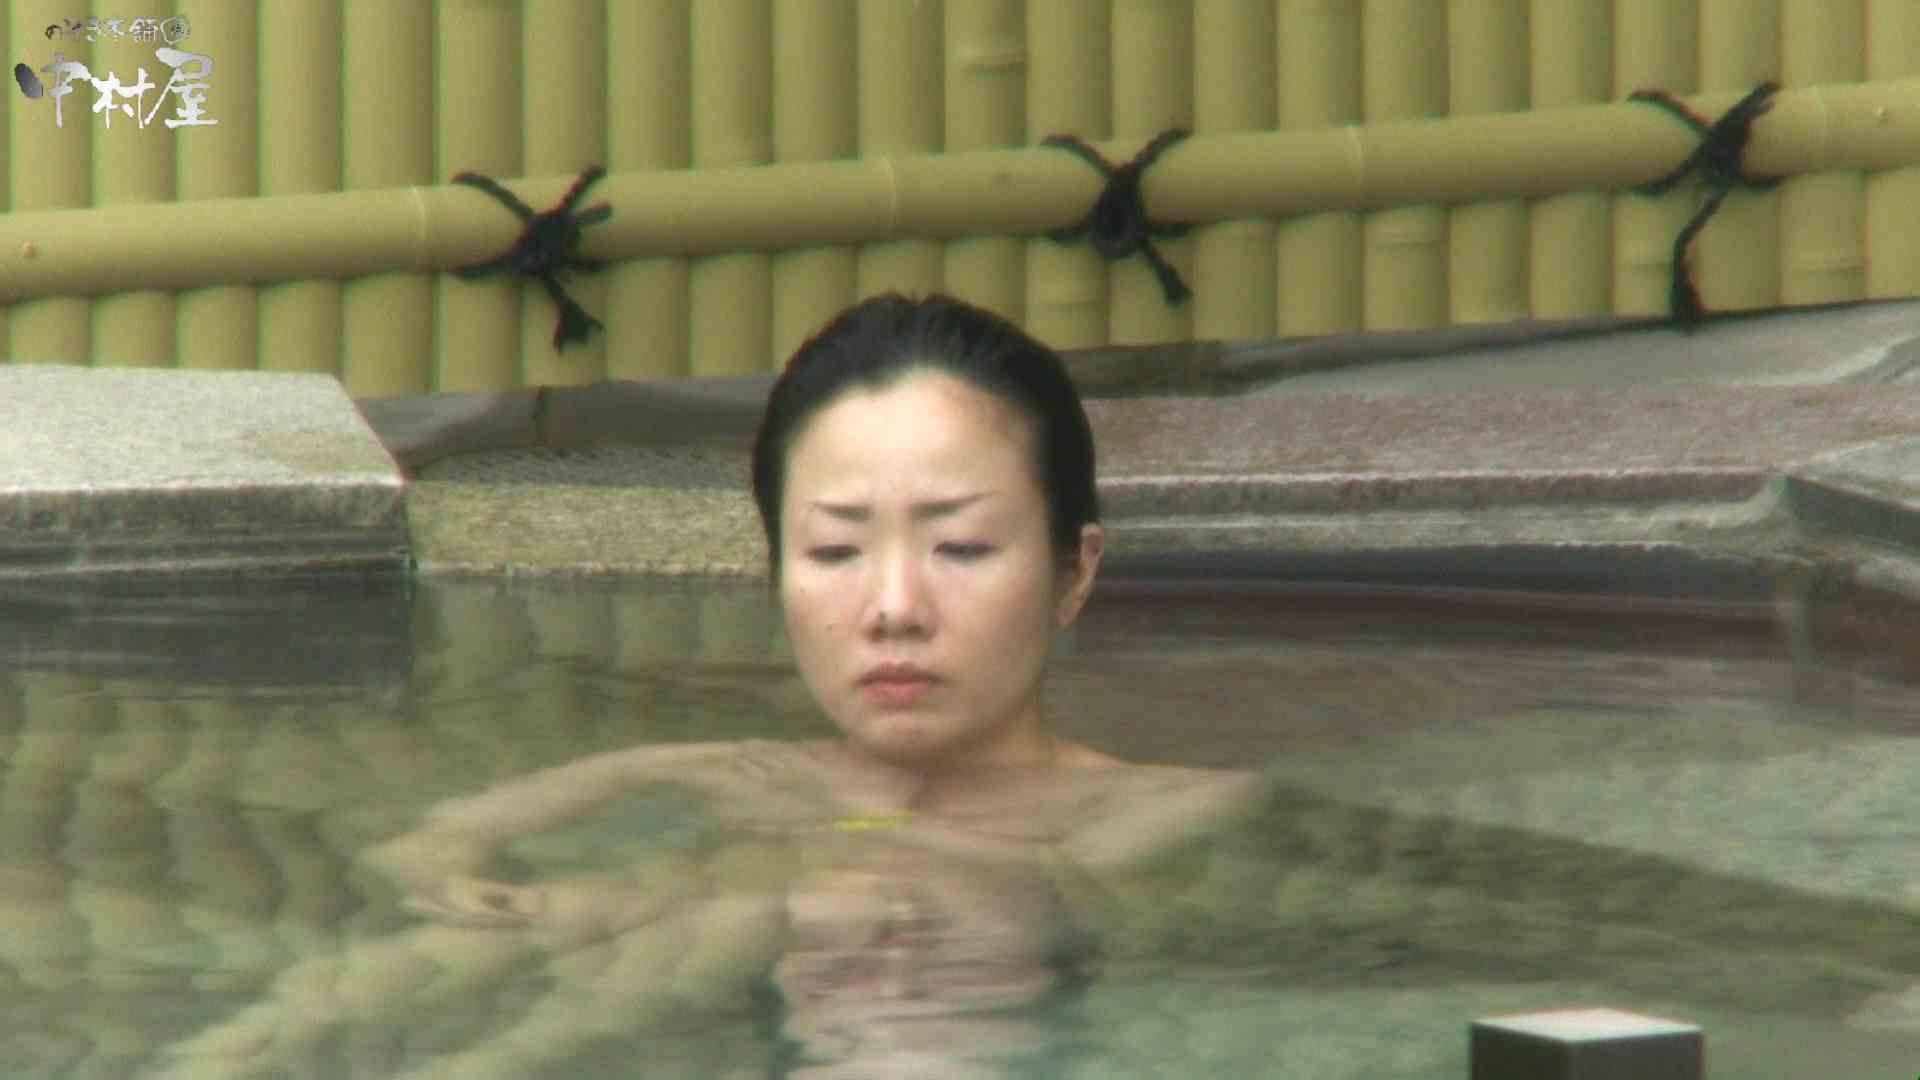 Aquaな露天風呂Vol.950 盗撮シリーズ  80PIX 24